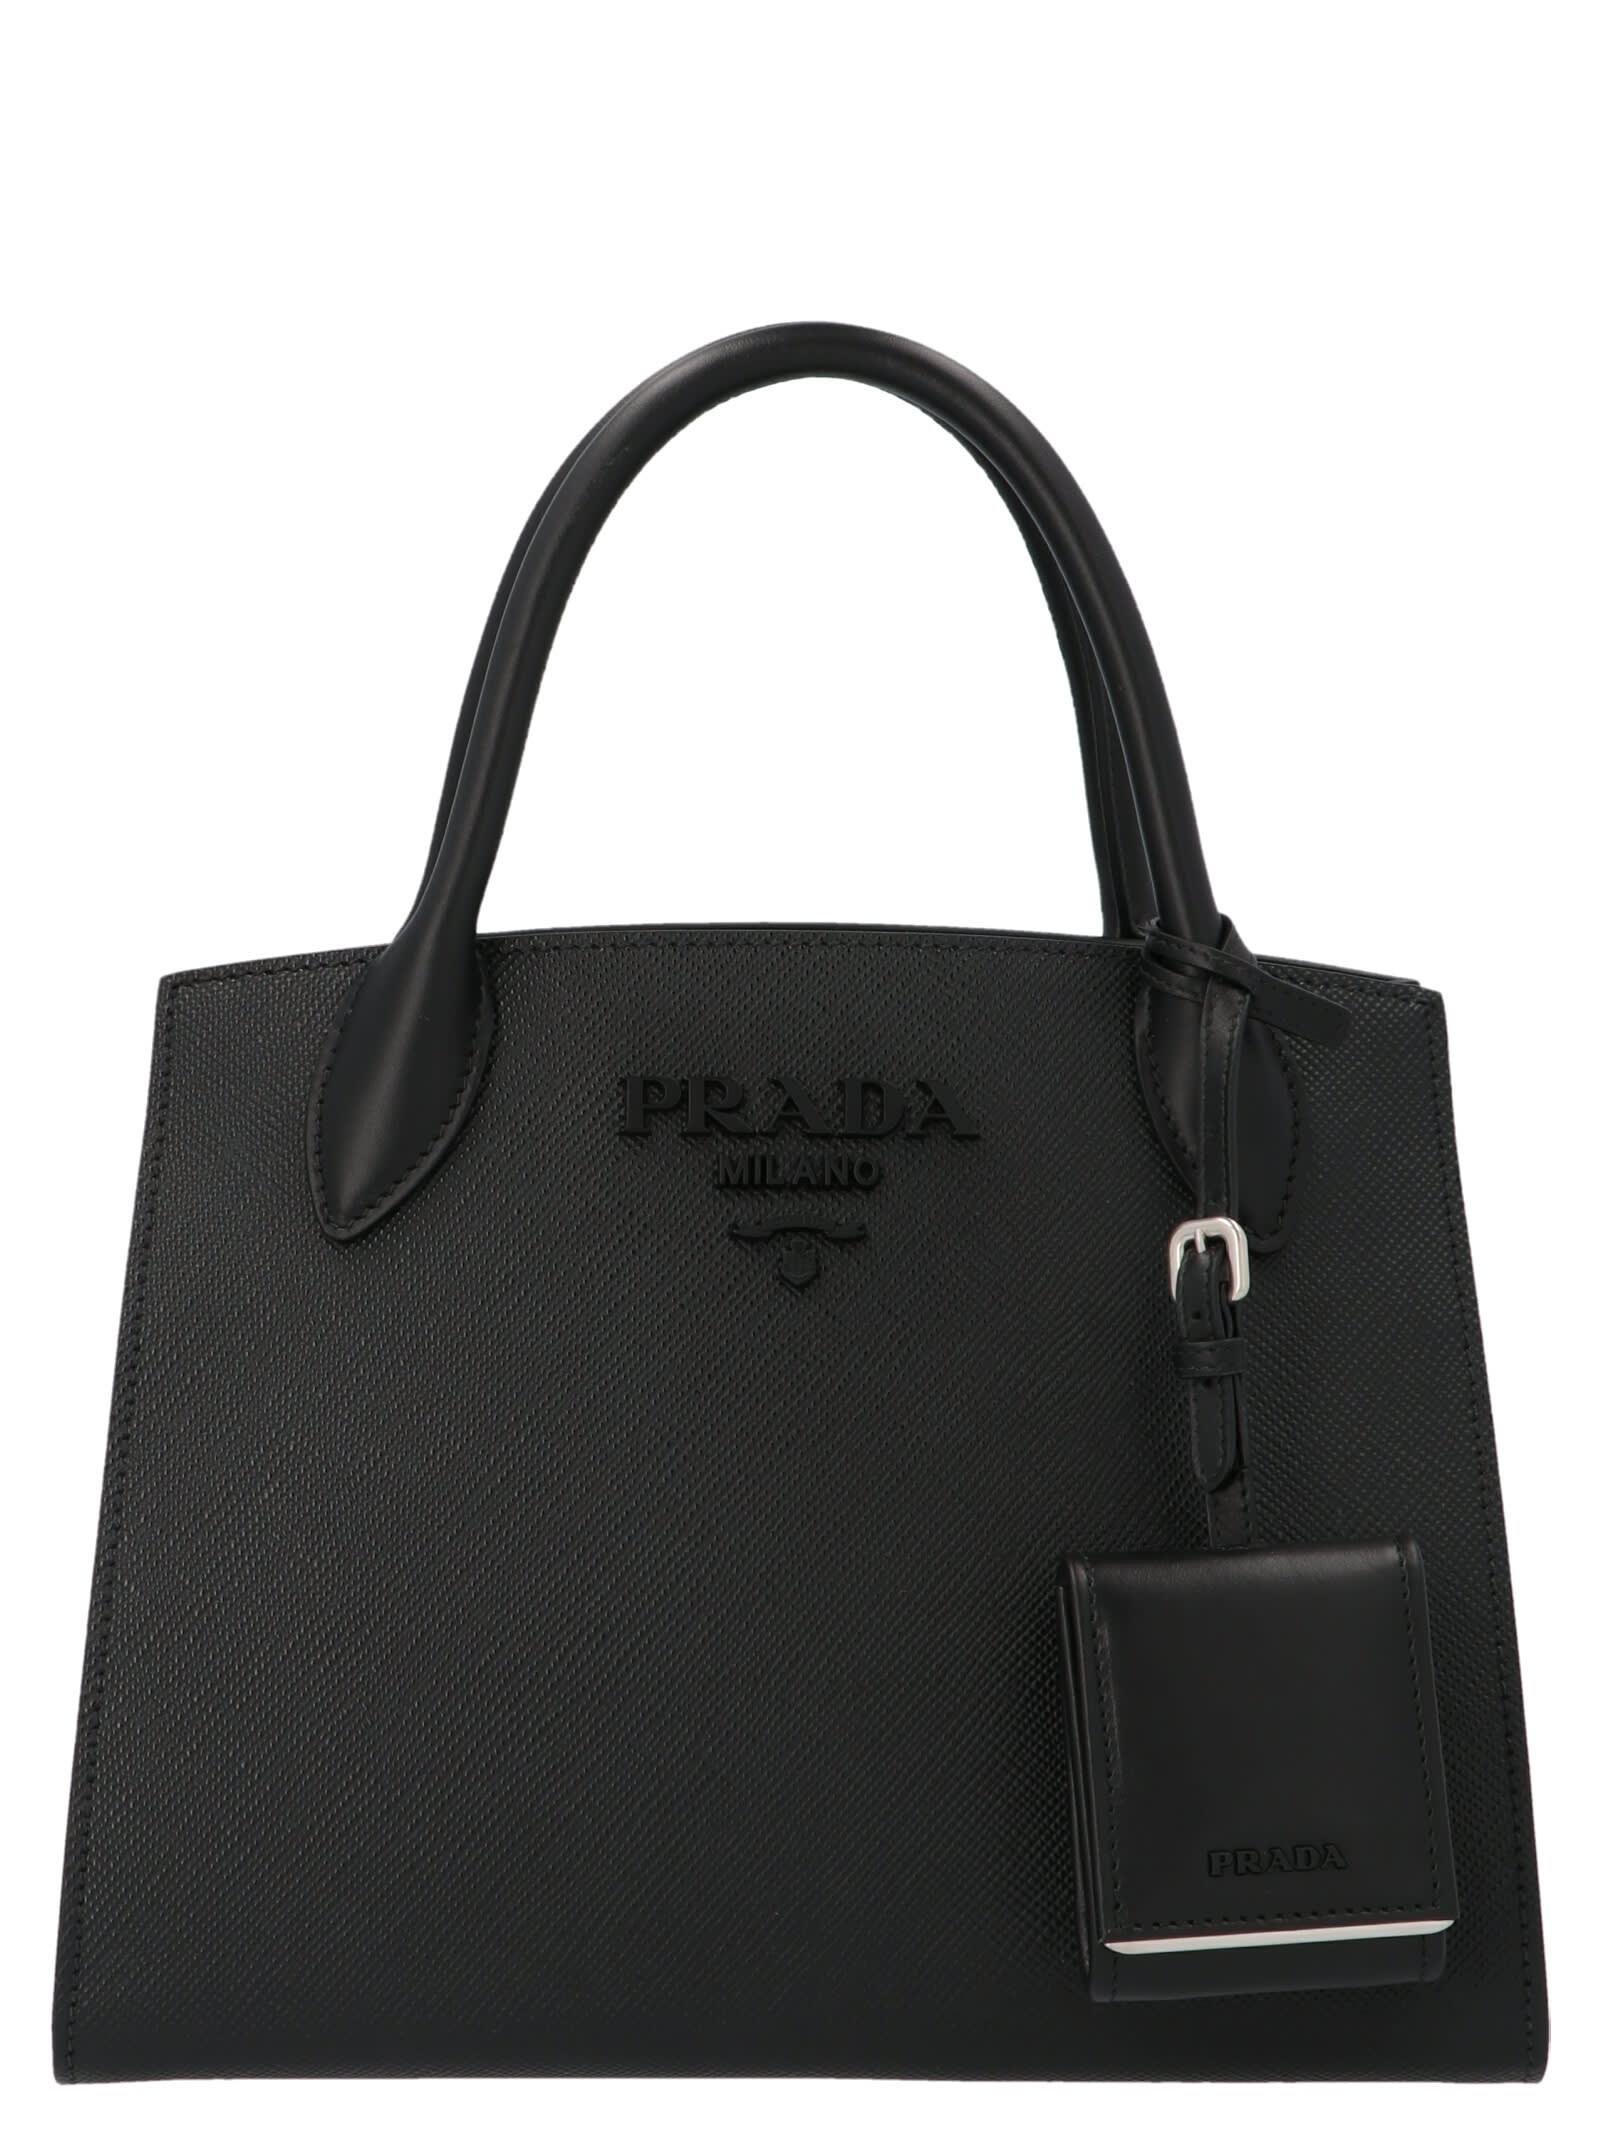 Prada monochrome Bag